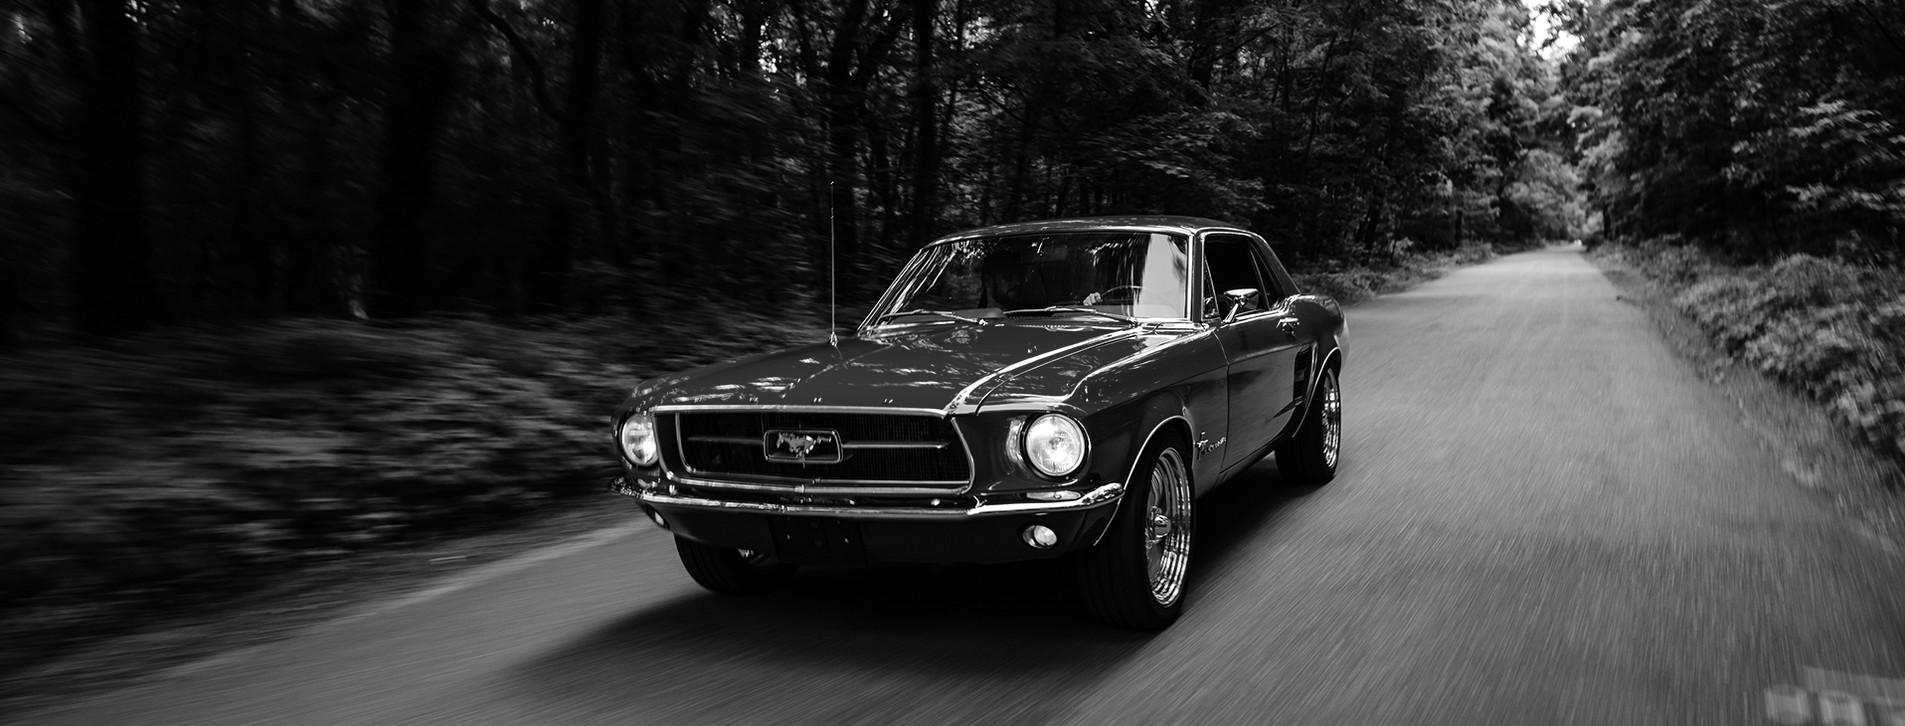 Фото 1 - Тест-драйв ретрокара Ford Mustang 1967 для двоих